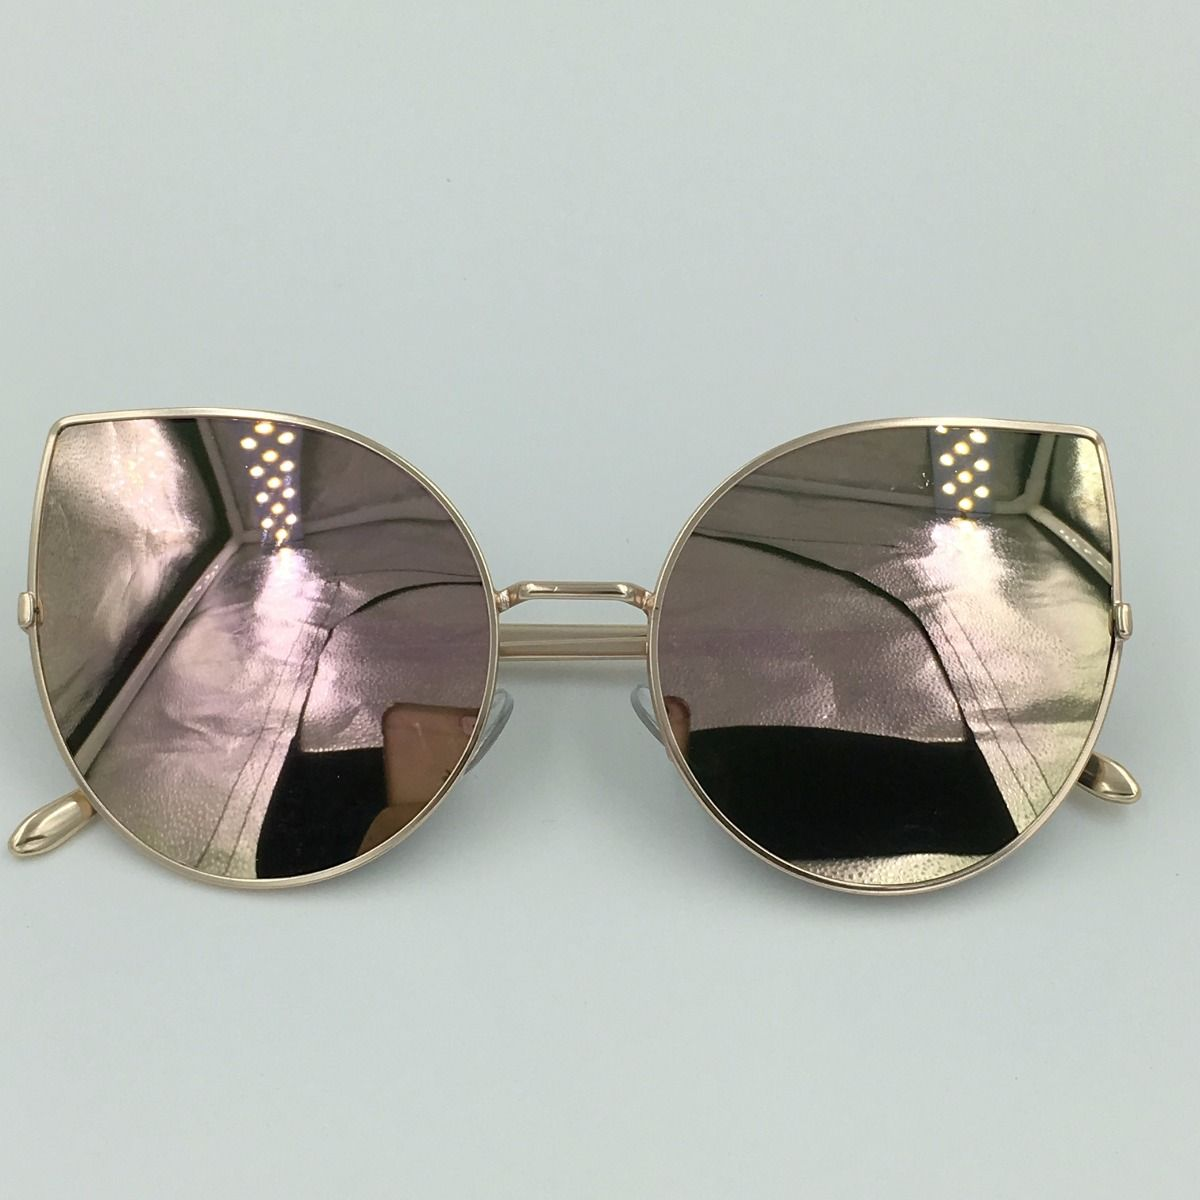 101941db31f77 óculos de sol espelhado feminino gato gatinho metal redondo ...